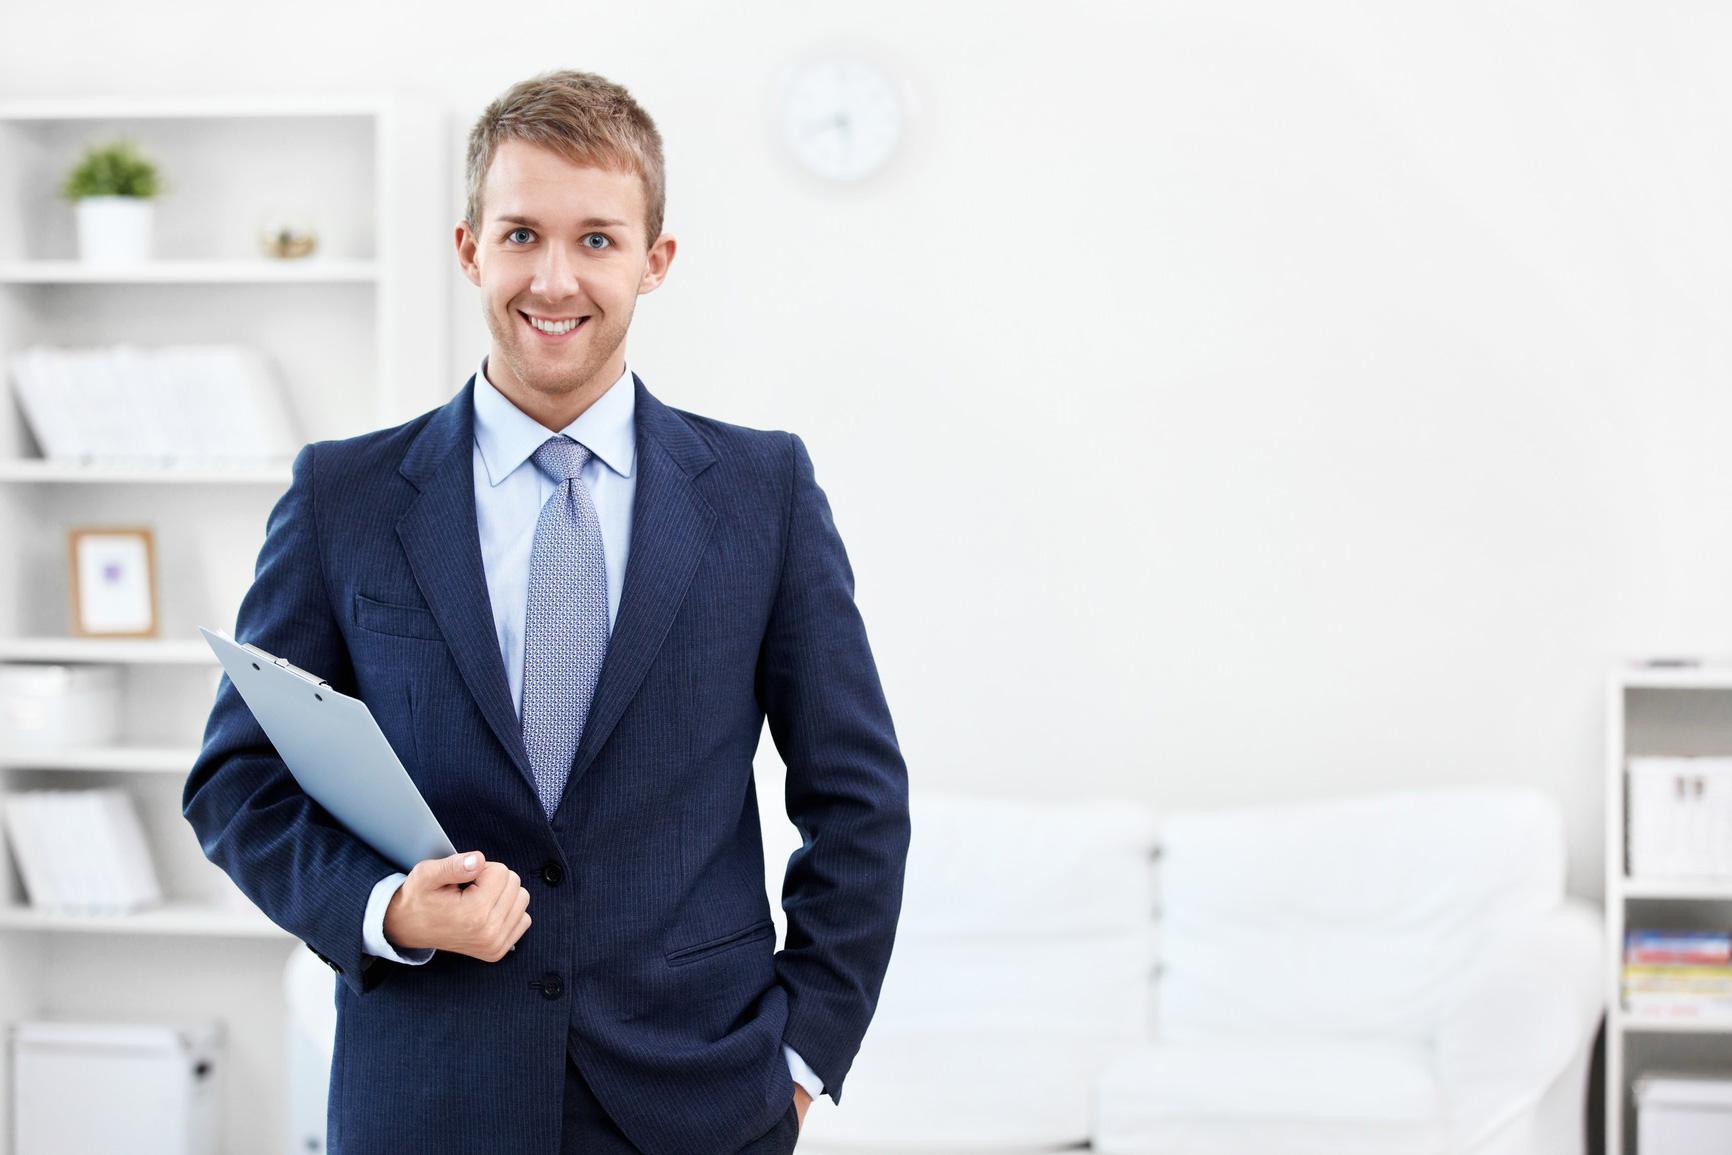 Менеджер мужчина картинки